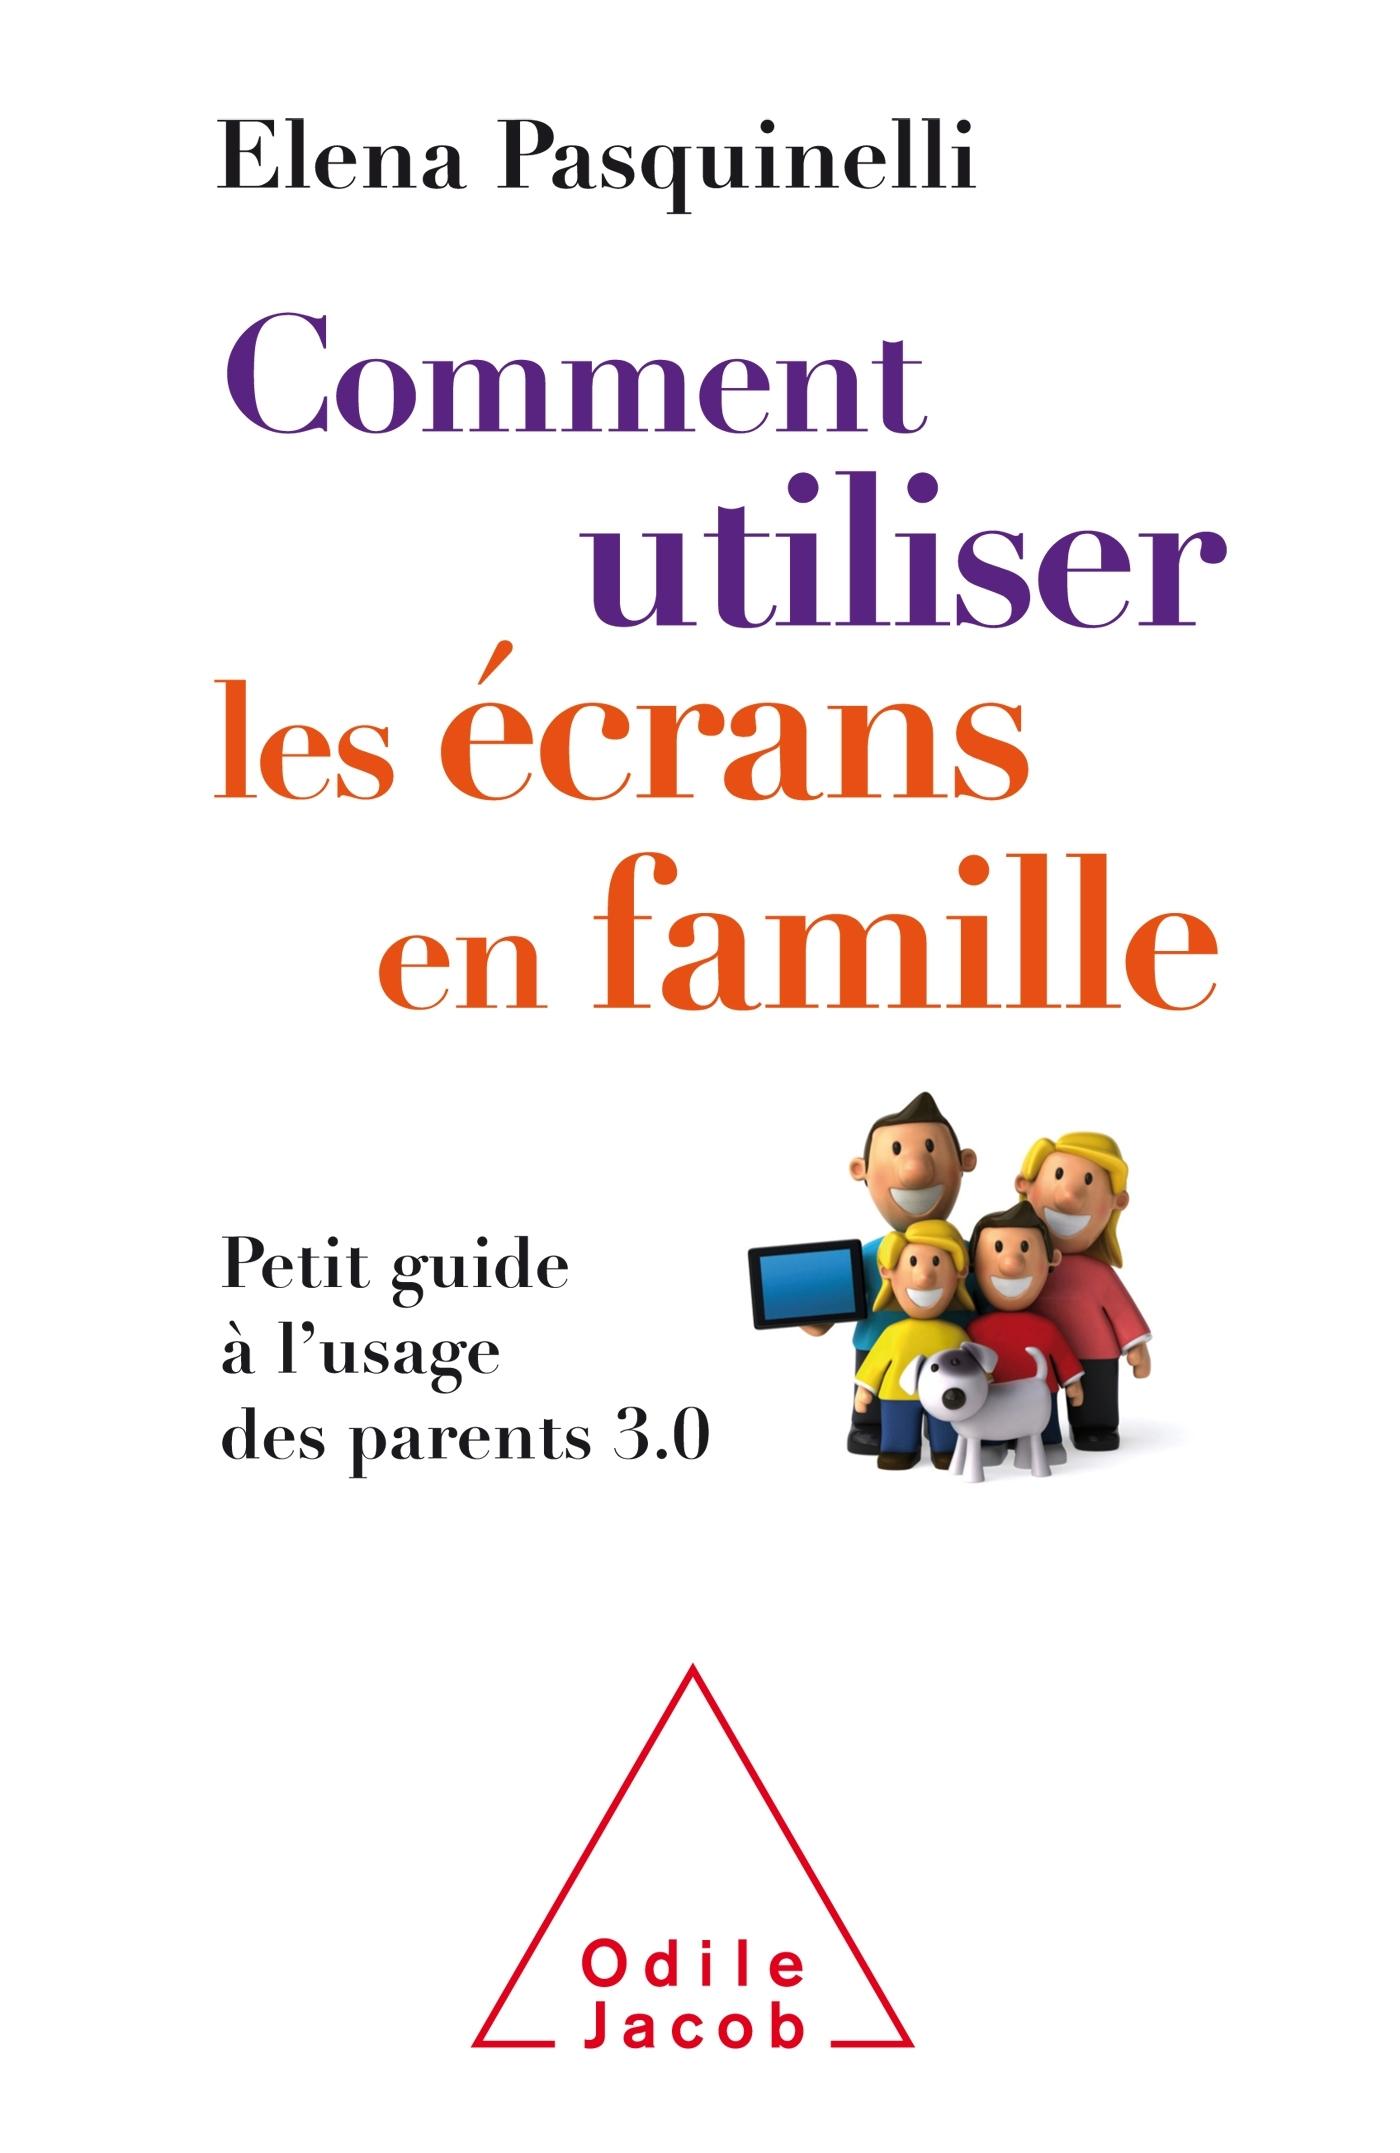 COMMENT UTILISER LES ECRANS EN FAMILLE - PETIT GUIDE A L'USAGE DES PARENTS 3.0